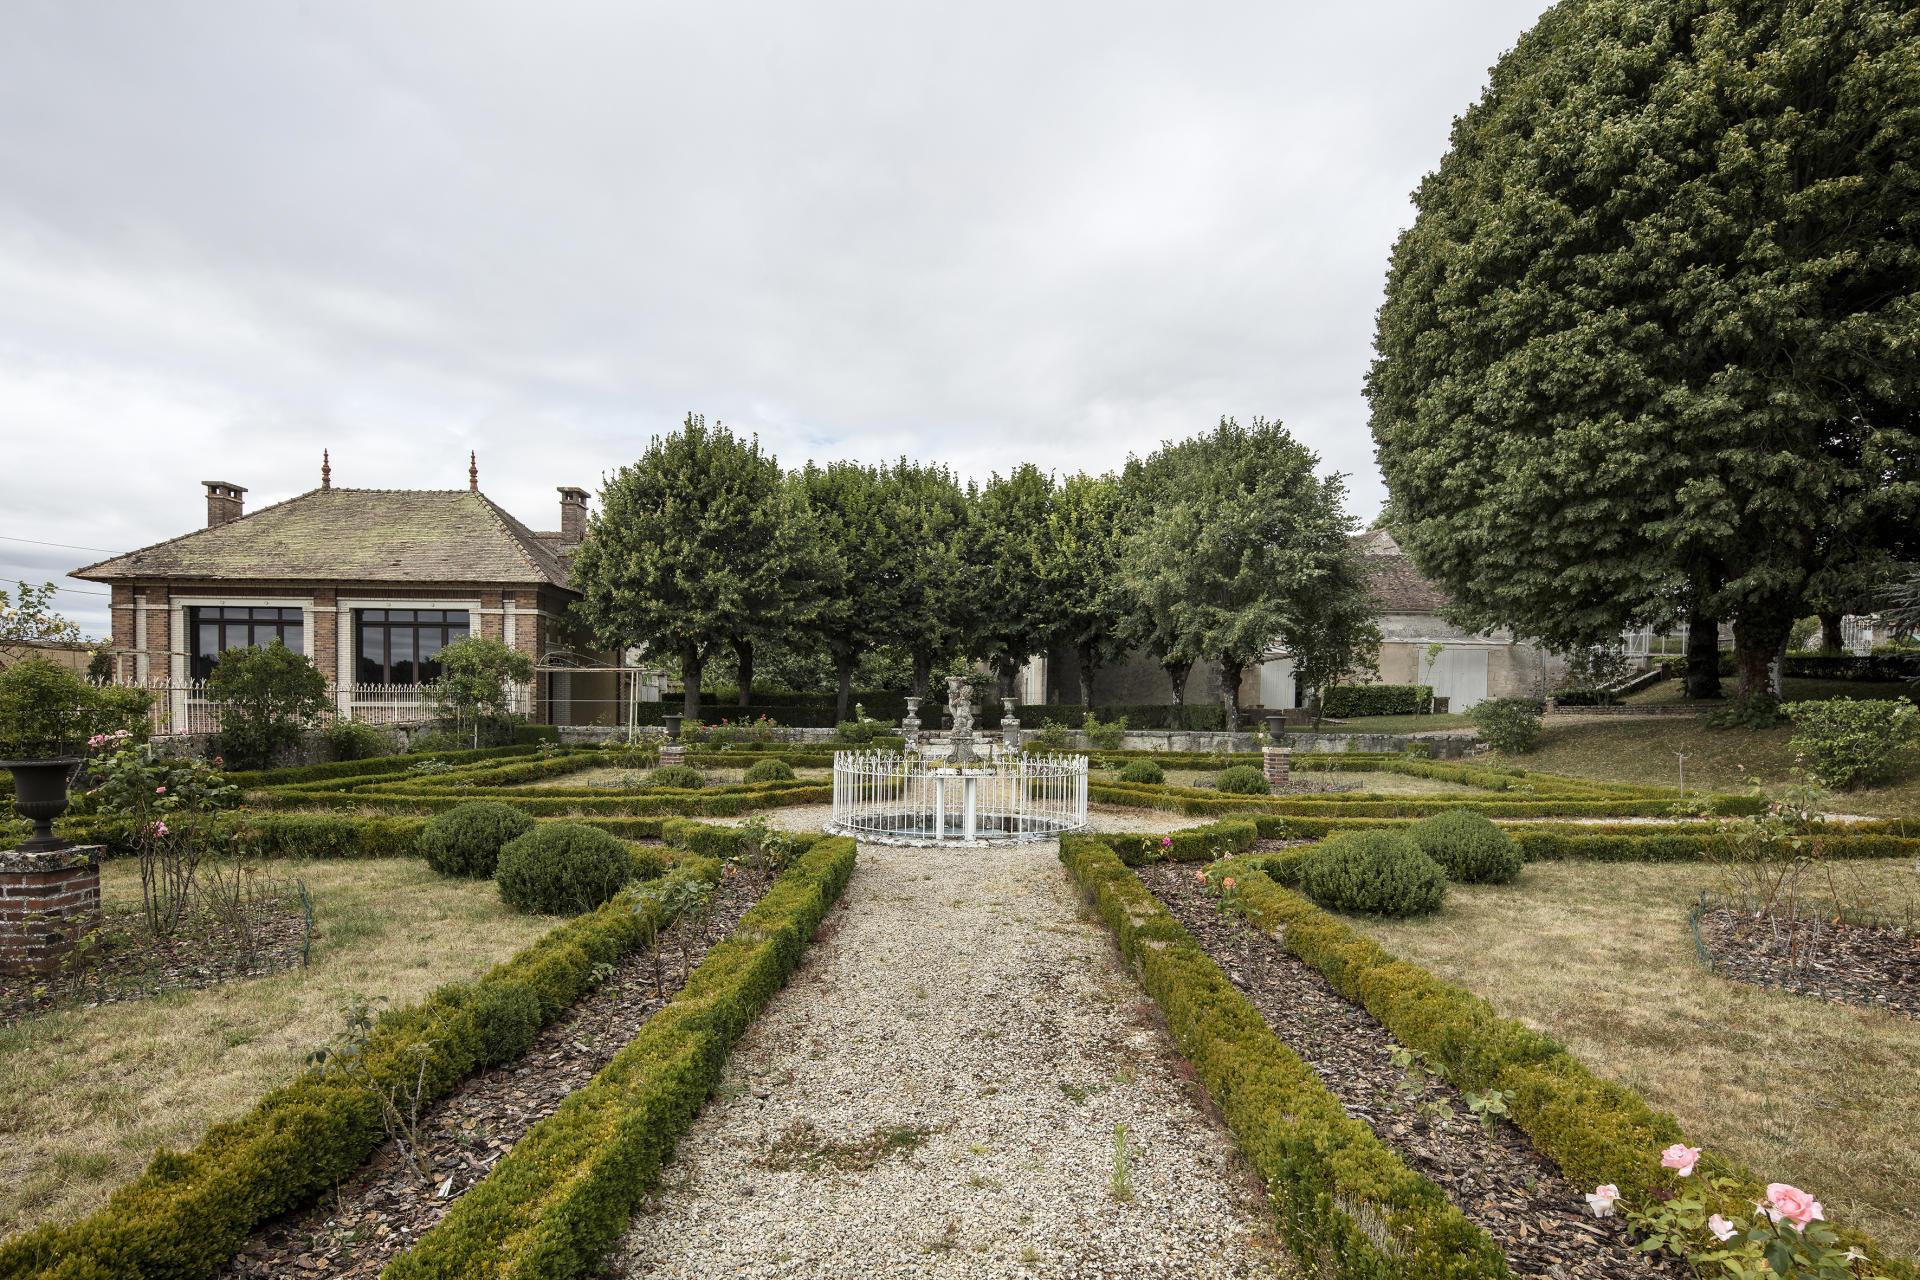 Jardin à la française qui se trouvait devant le domaine du Bois-des-Fossés, où vécut Pierre Samuel du Pont de Nemours, dans le village de Chevannes (Loiret). La maison se trouvait à l'emplacement du groupe d'arbres.